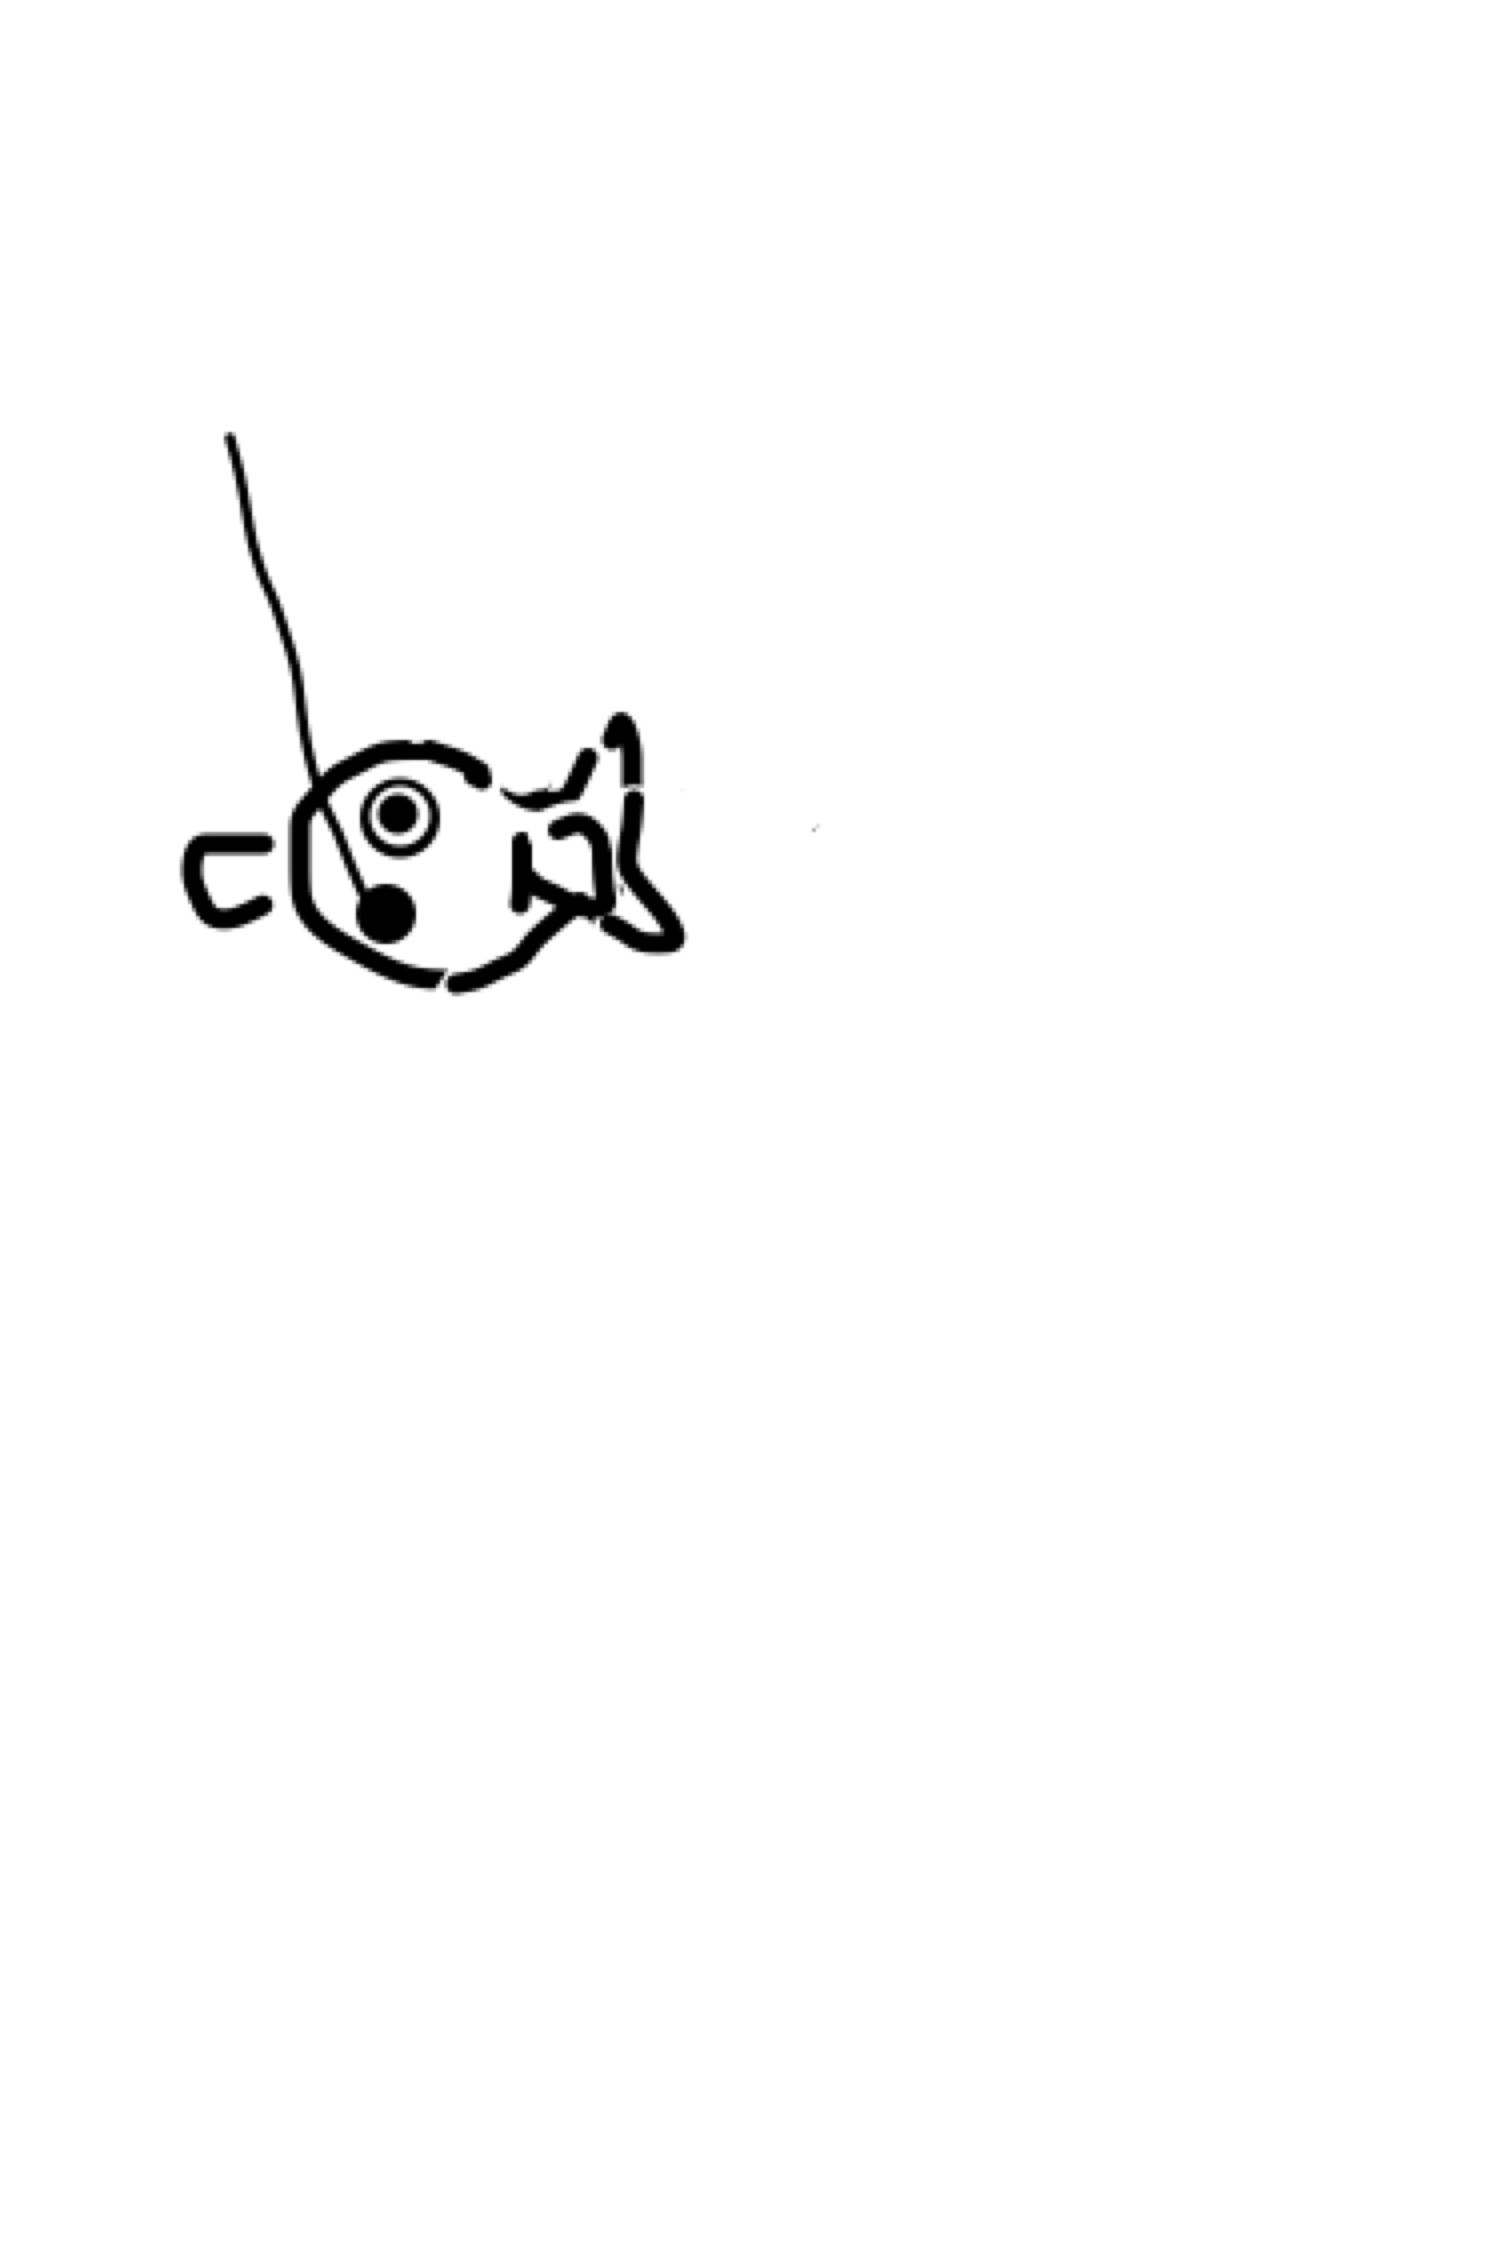 異形の小魚(元)